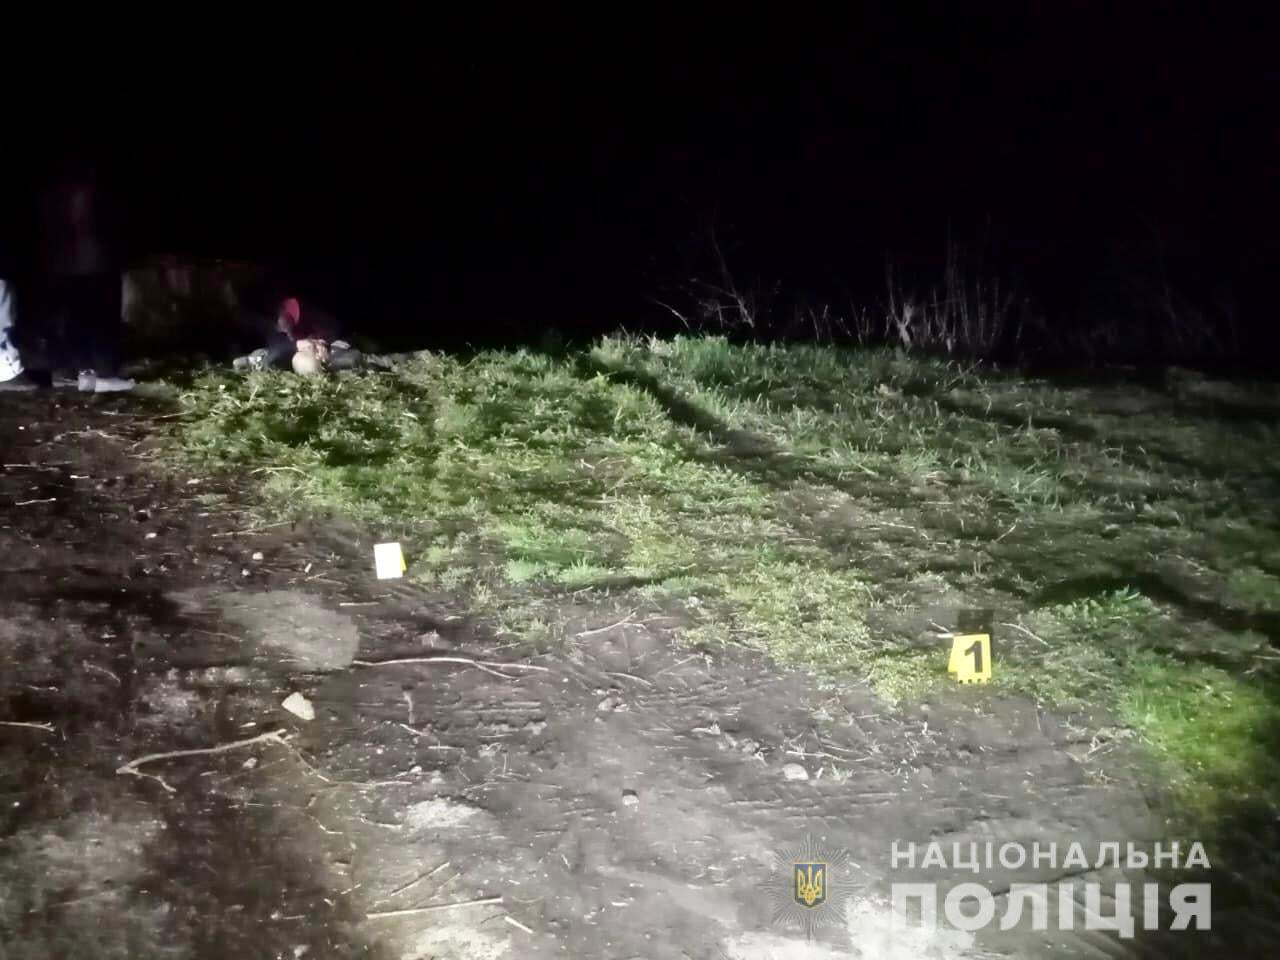 На Черкащині авто з'їхало в ставок: водій та пасажири загинули. Фото